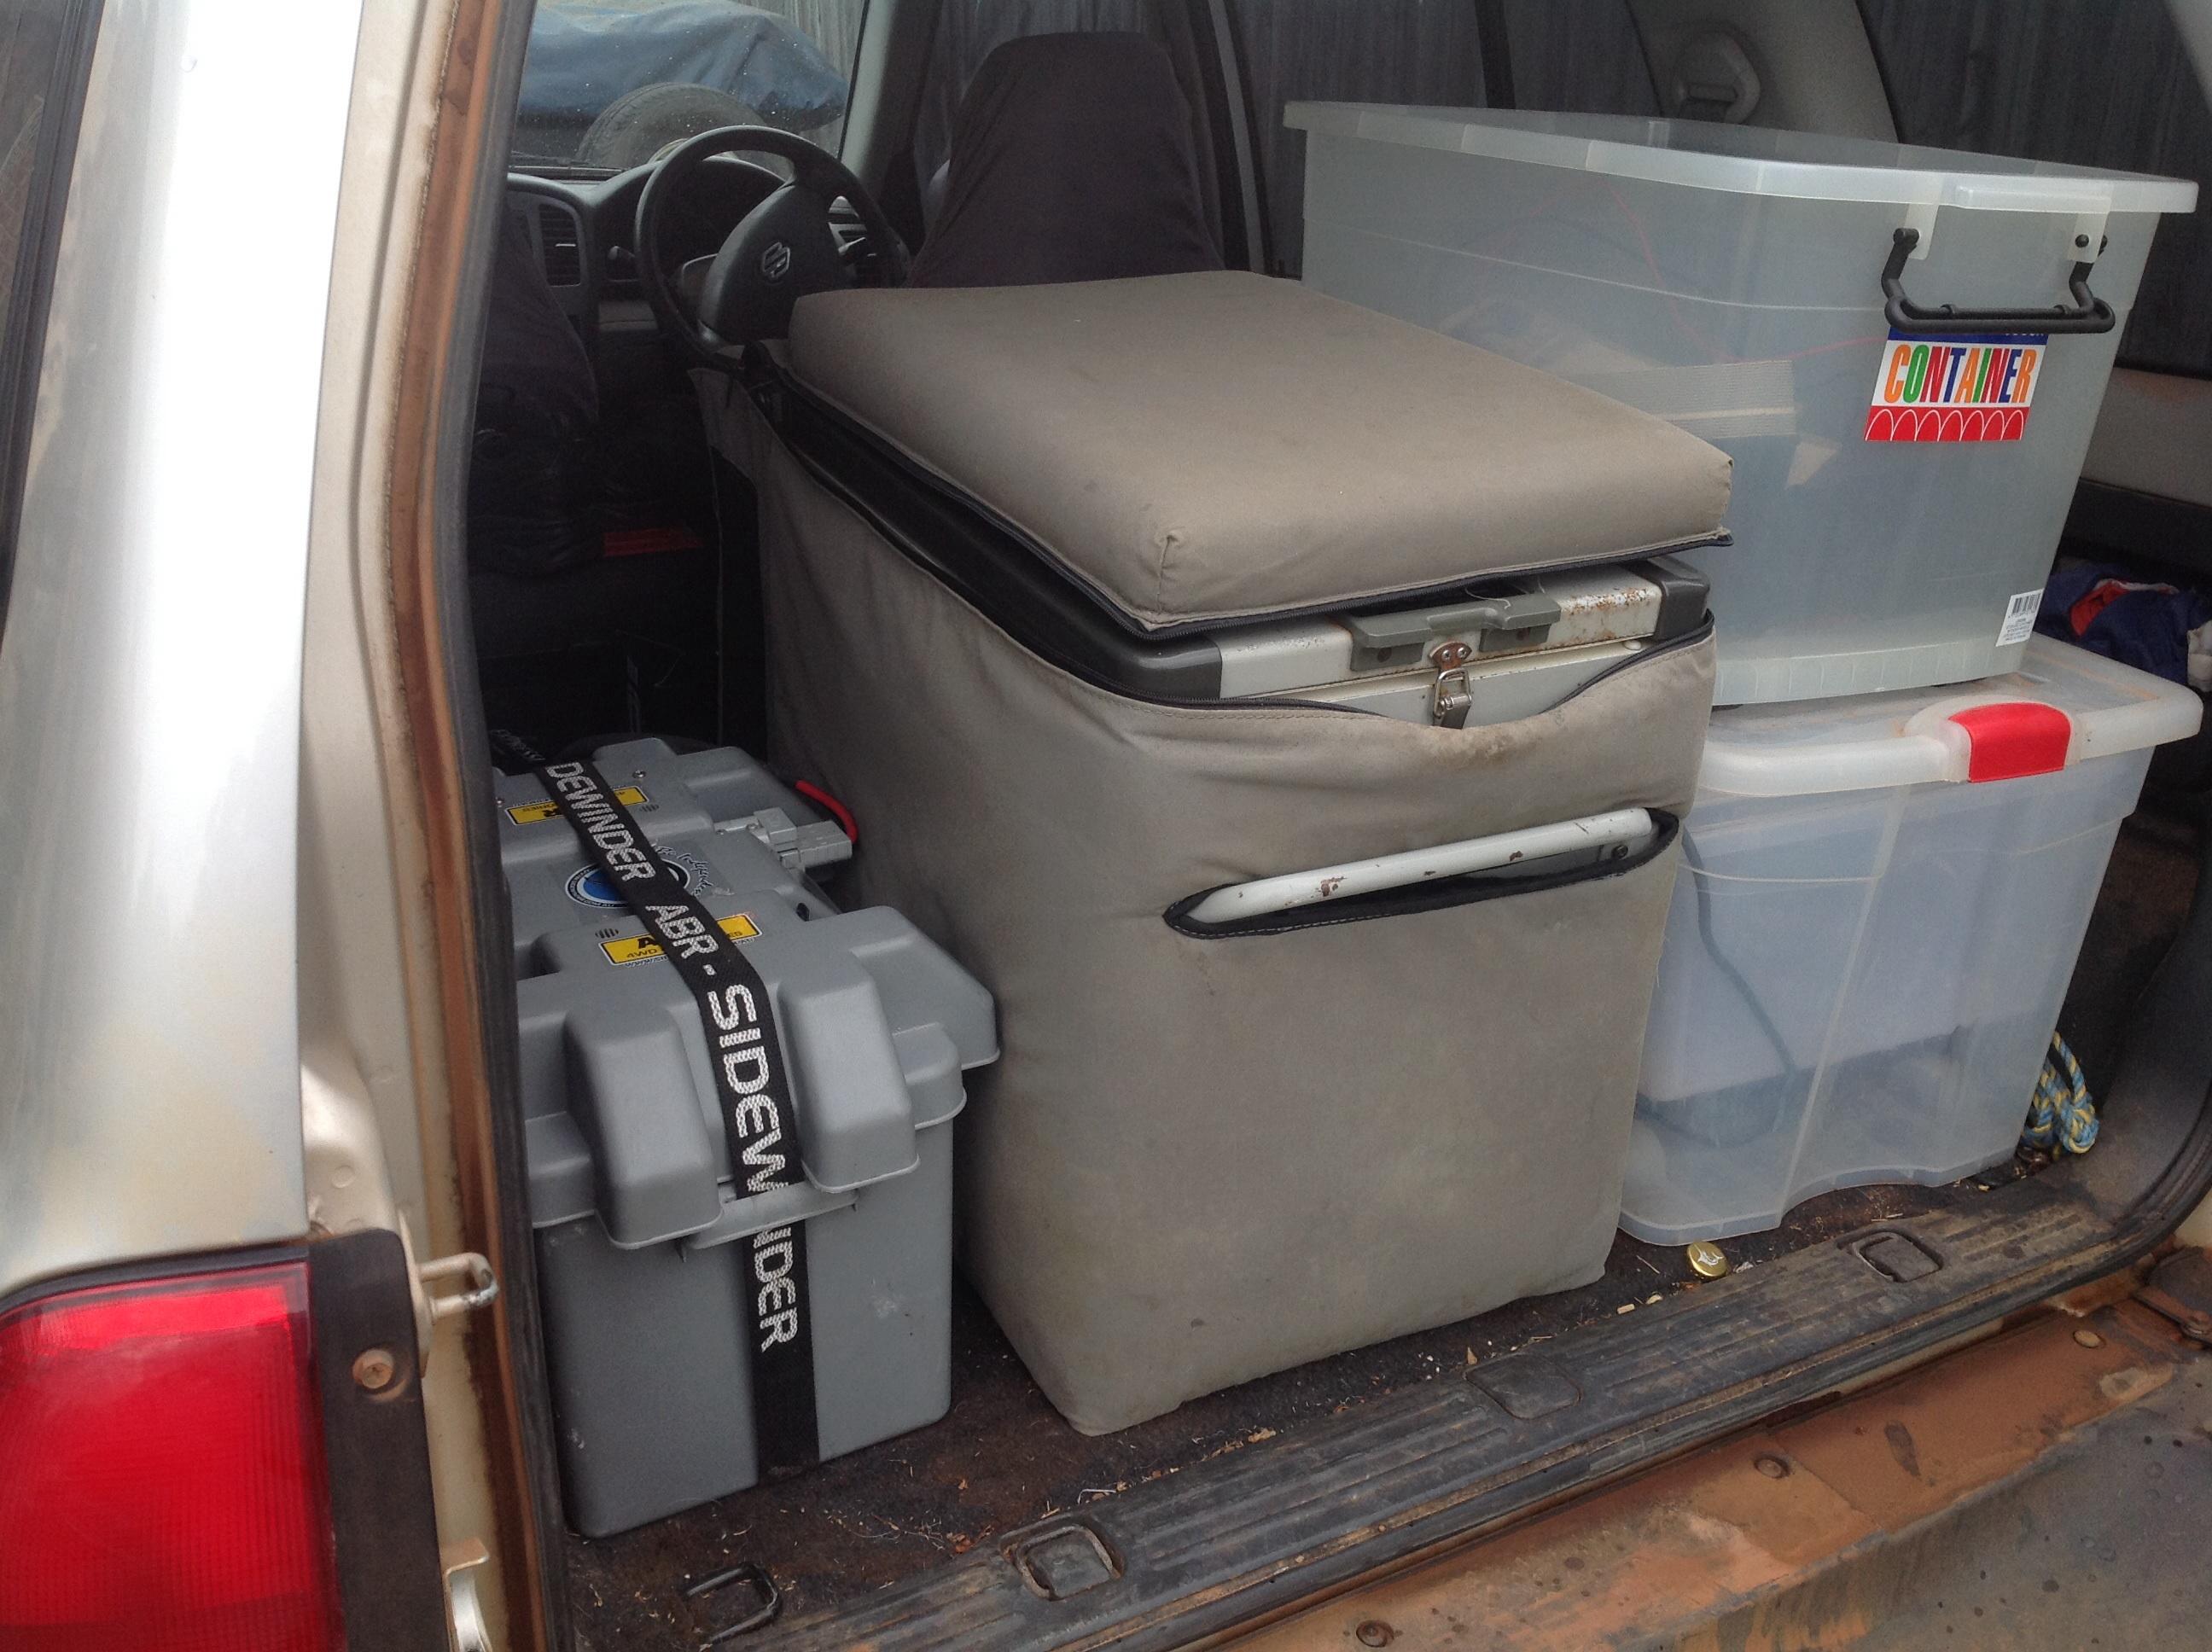 Car Fridge & Battery Setup Explained – Naive Nomads